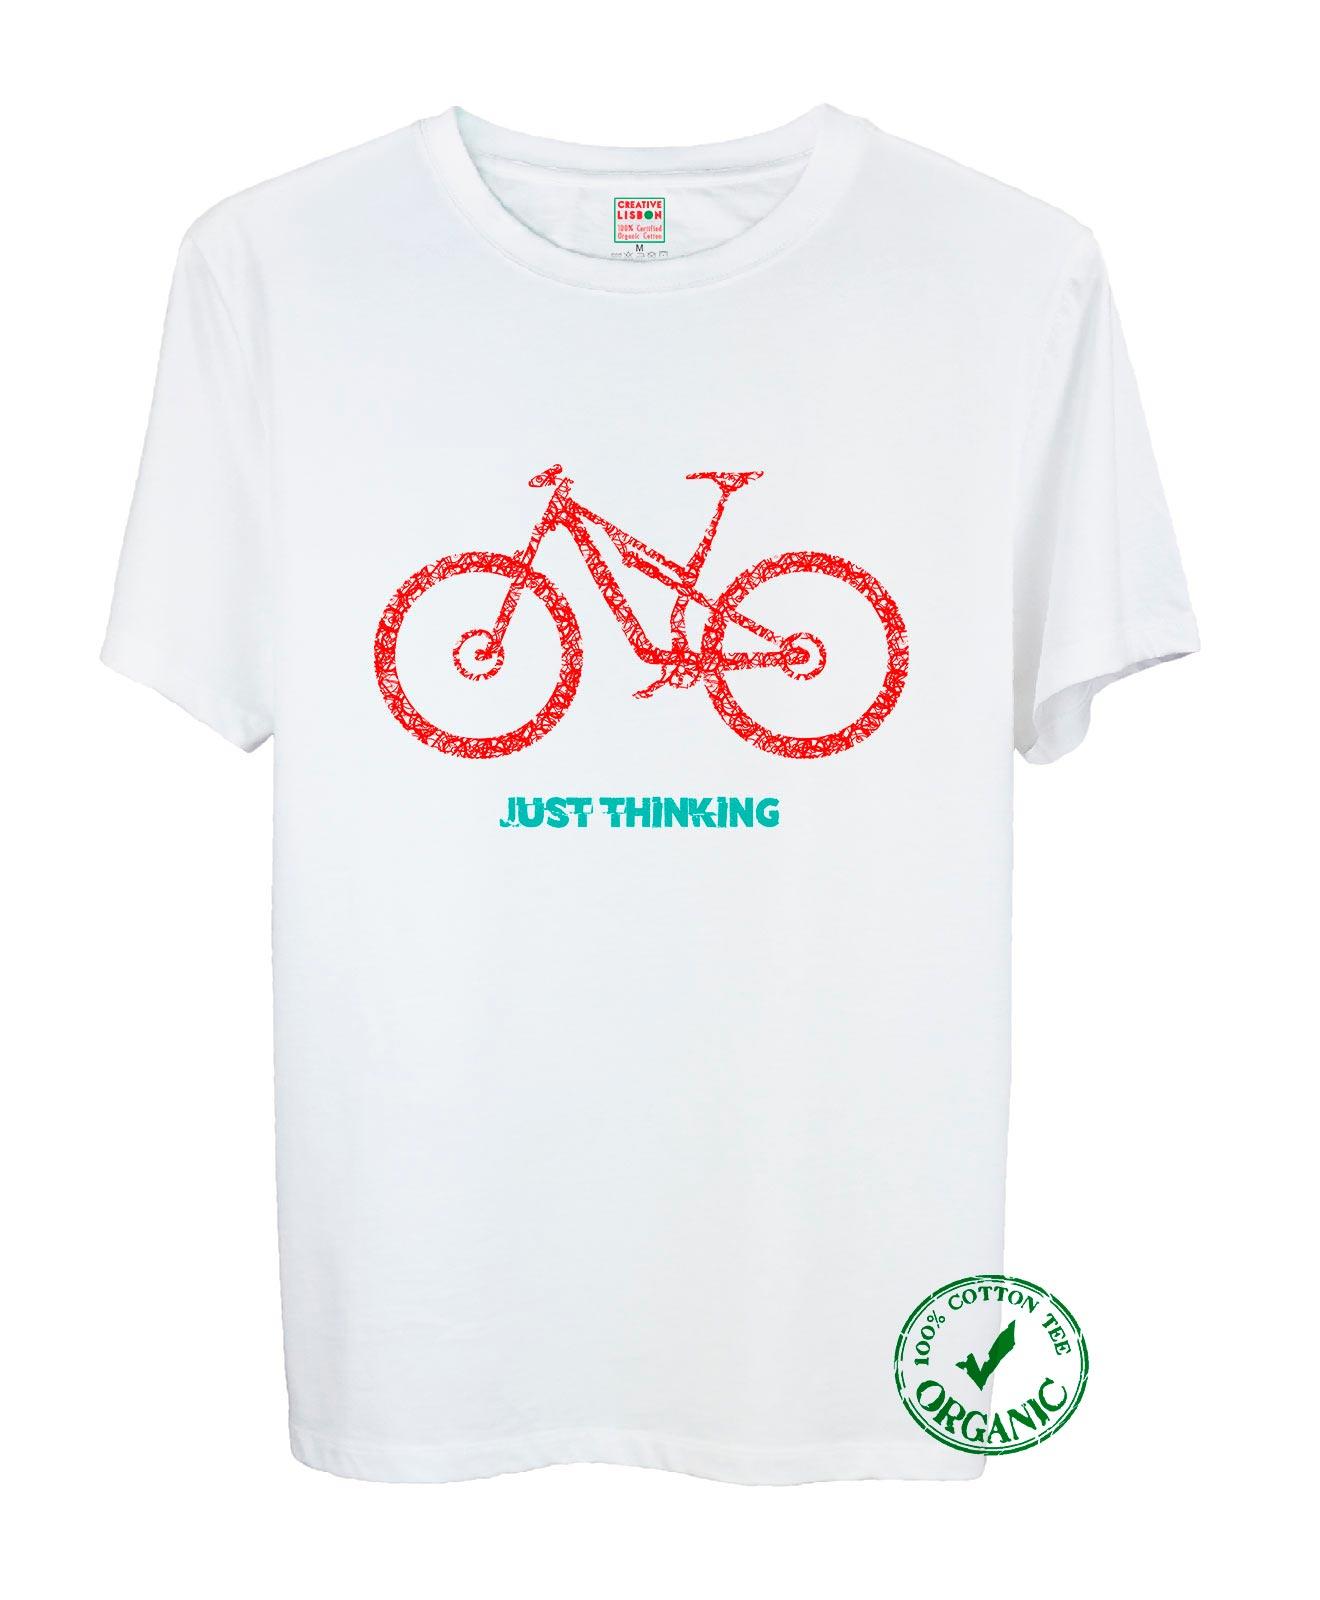 Thinking Bikes Organic Tee